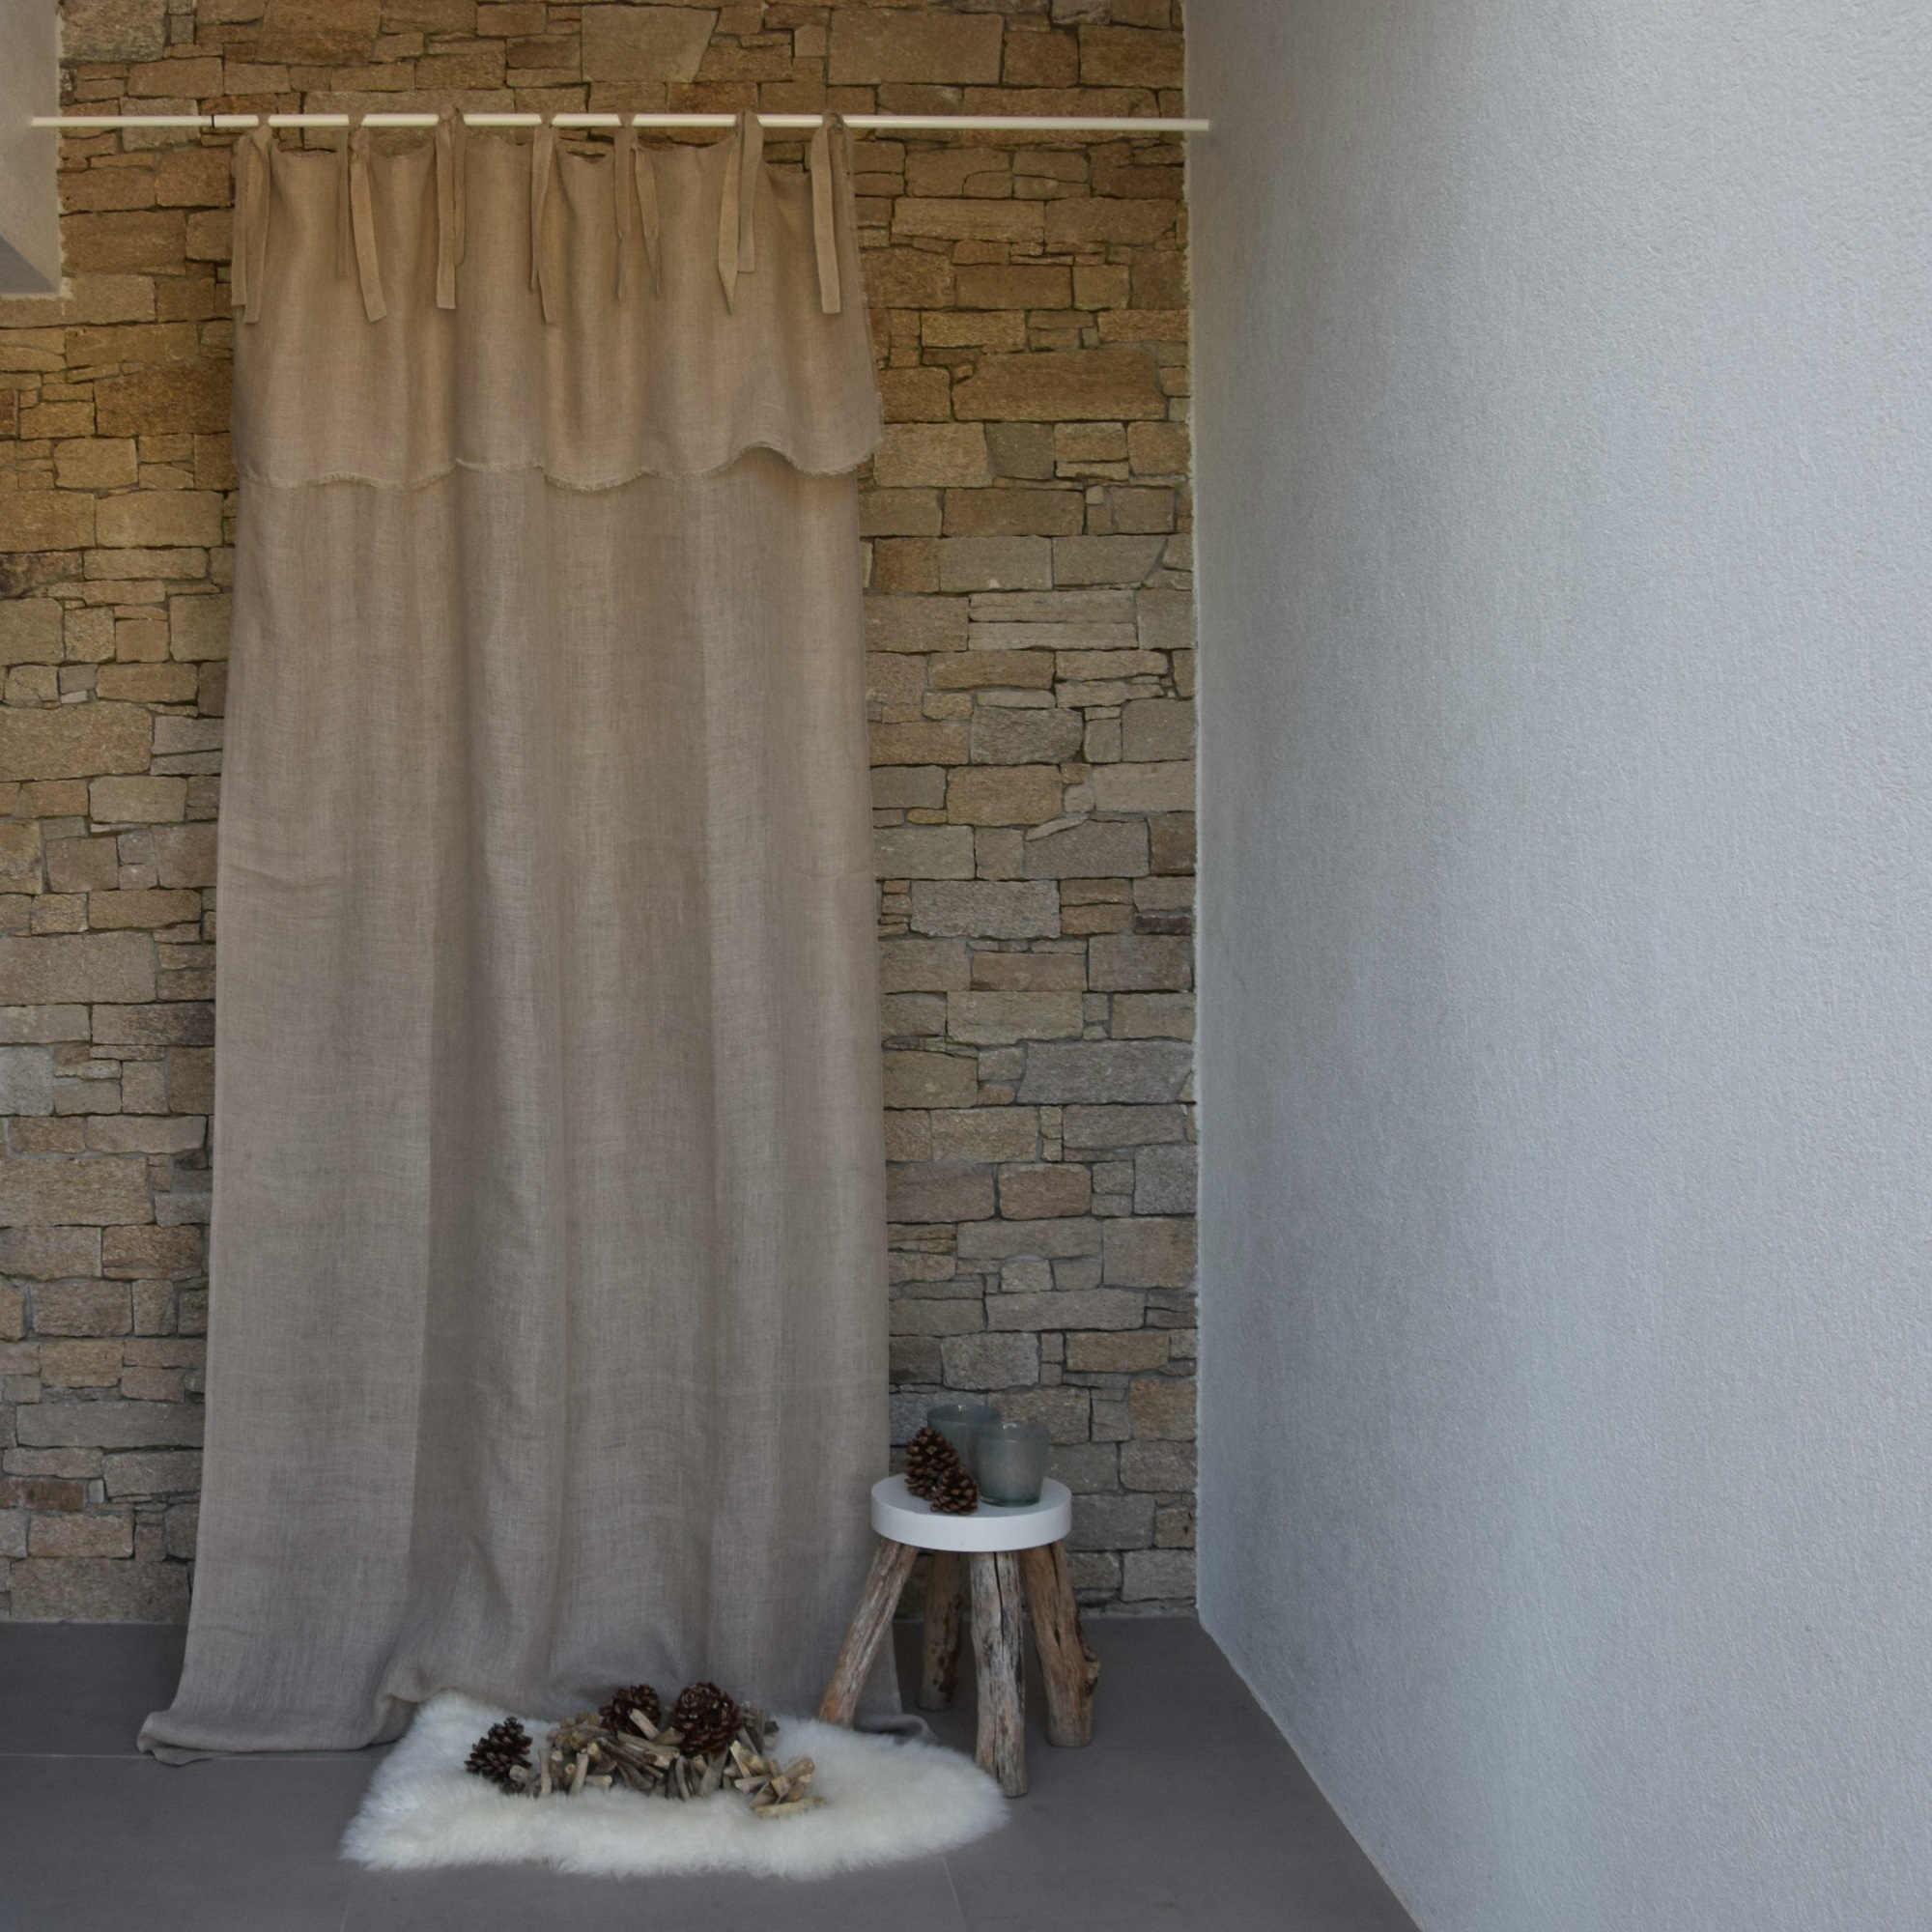 rideau lin occultant rideau lin occultant rideau occultant lin rideau occultant couleur lin. Black Bedroom Furniture Sets. Home Design Ideas